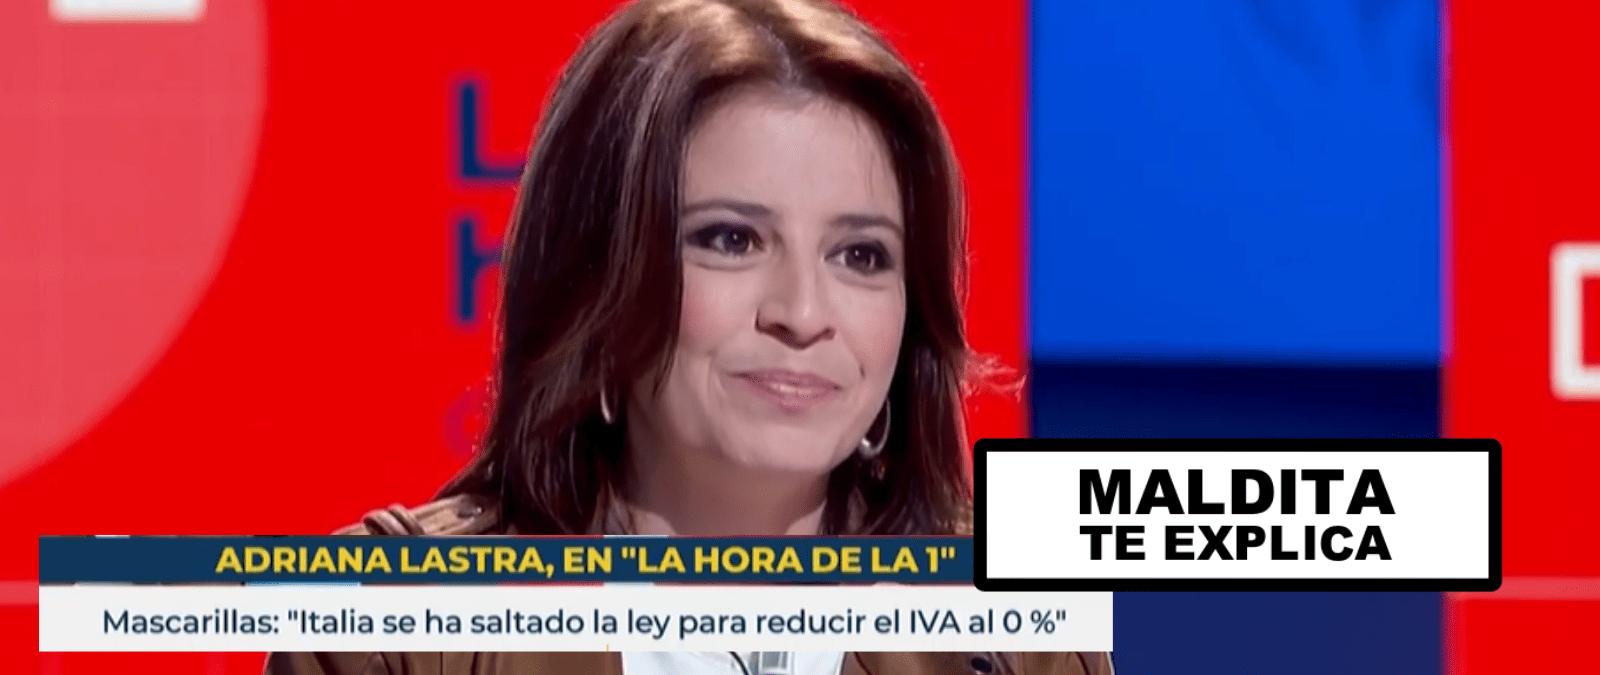 Por qué otros países europeos como Italia bajaron el IVA a las mascarillas antes que España aunque Adriana Lastra decía que era...